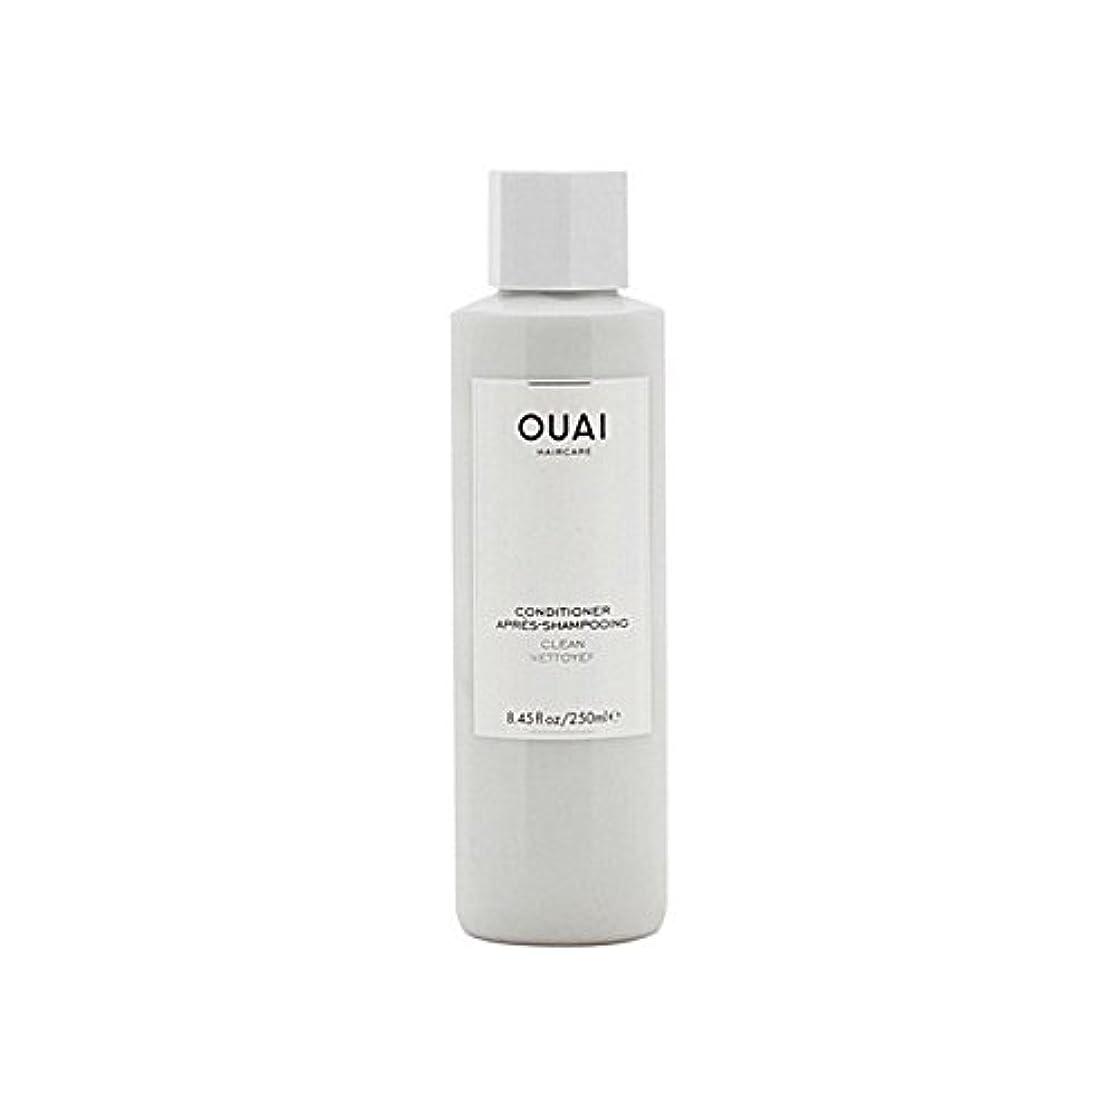 マッシュパキスタン構成するOuai Clean Conditioner 300ml - クリーンコンディショナー300ミリリットル [並行輸入品]